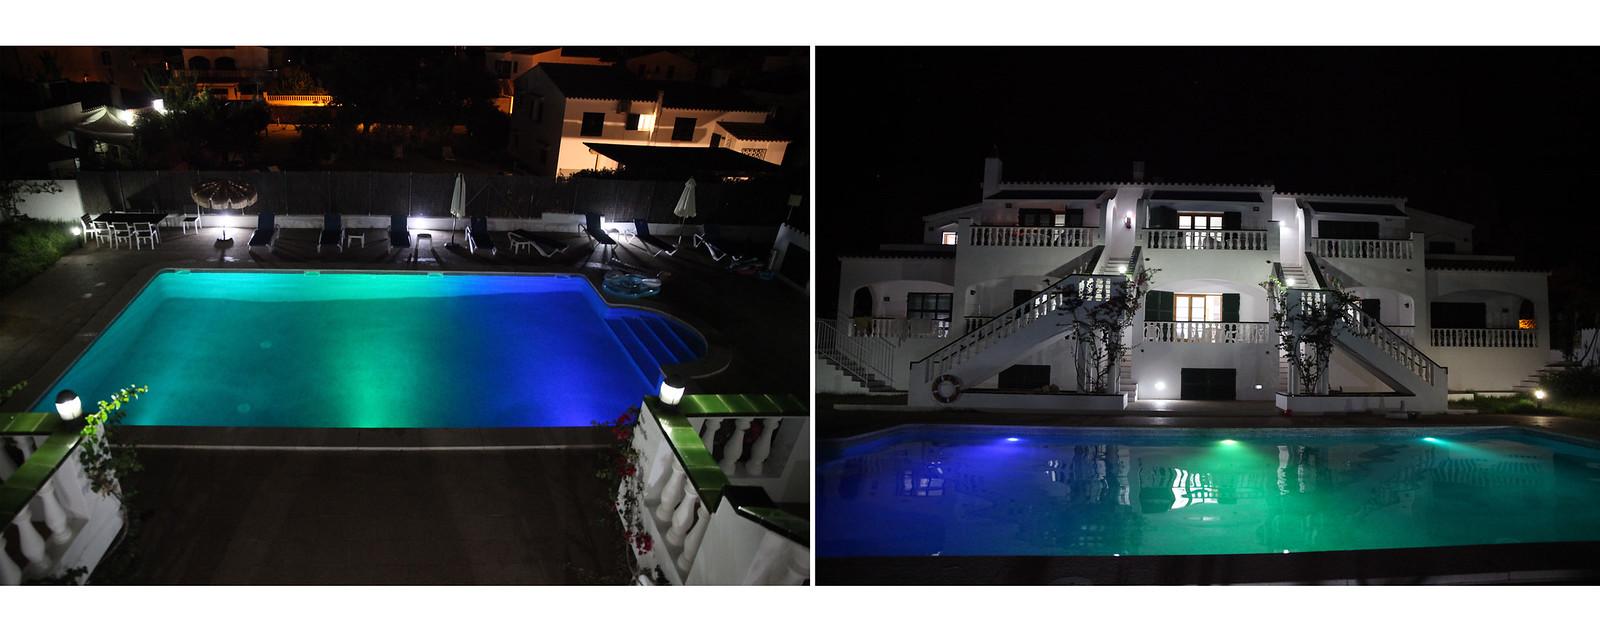 09_jamaica_apartamentos_menorca_vacaciones_en_familia_theguestgirl_travel_post_travel_viajar_fornells_menorca_the_guest_girl